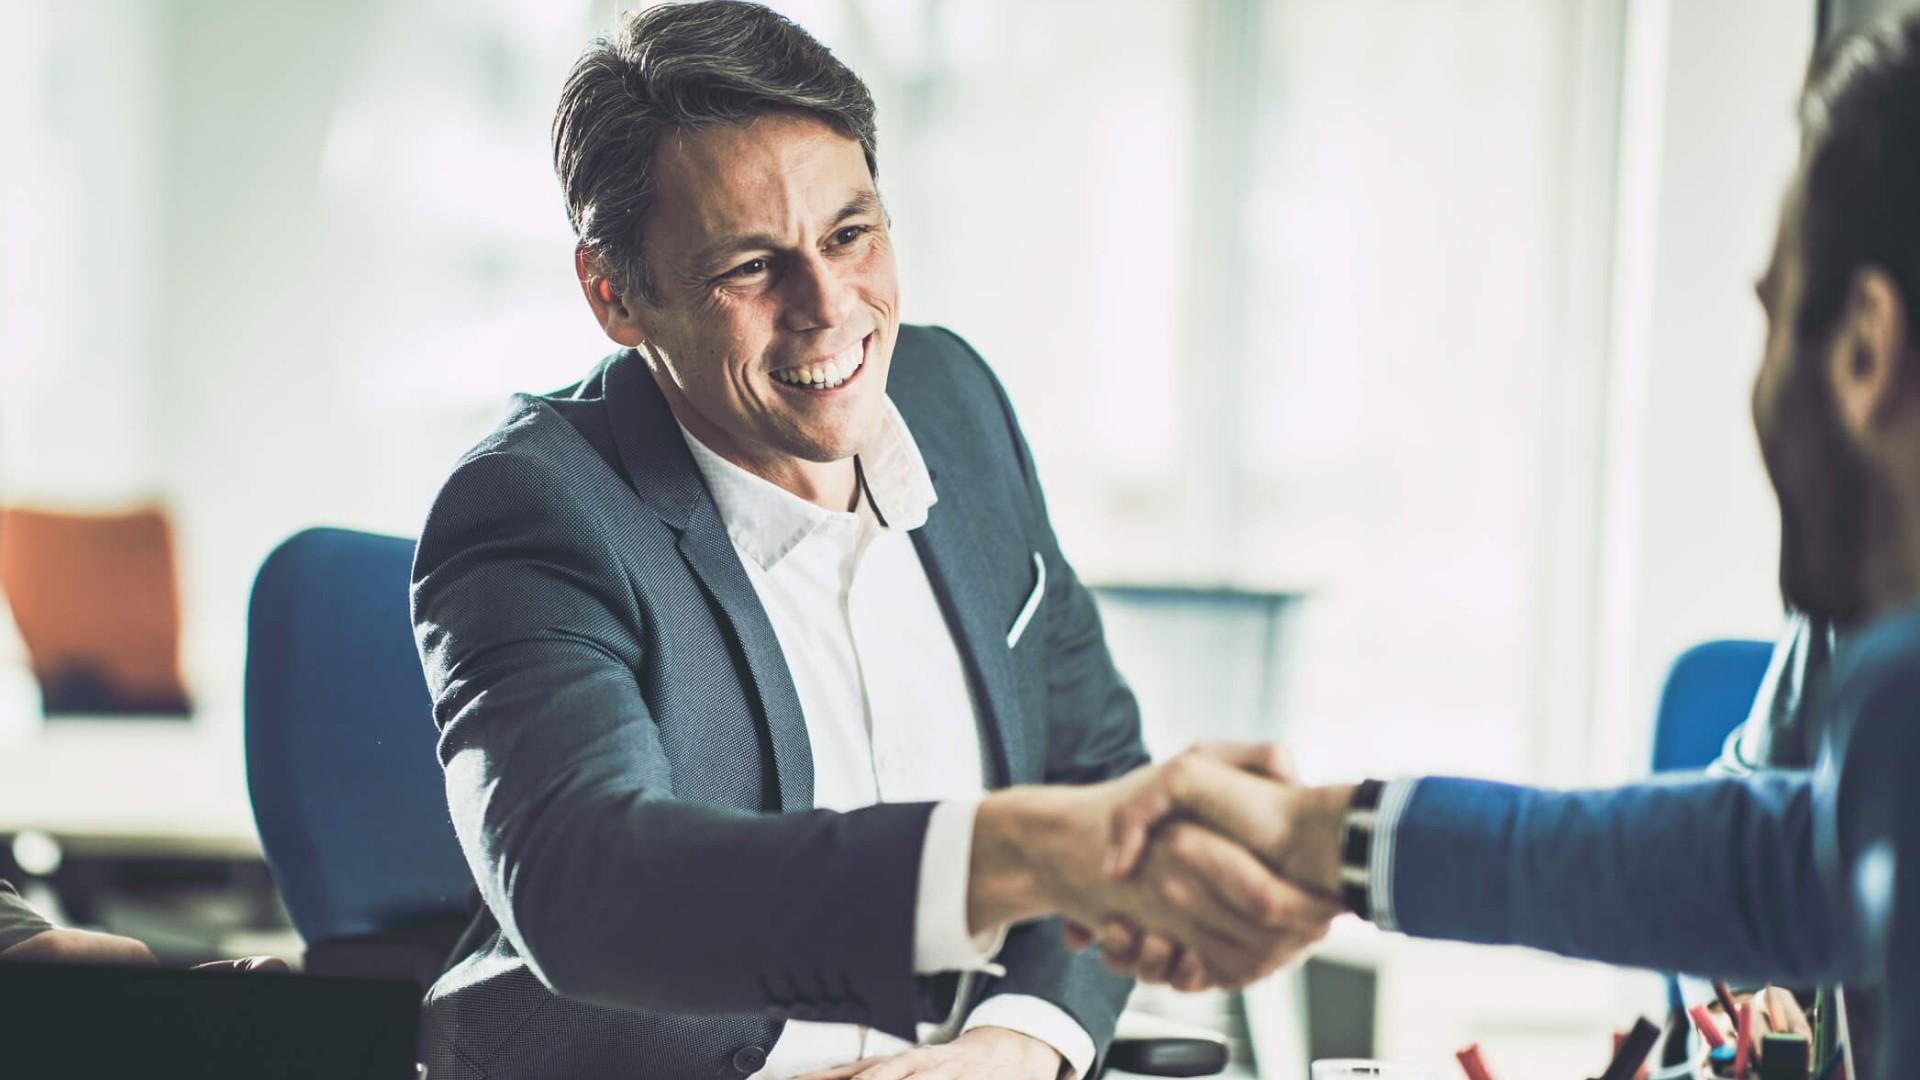 conheca-7-maneiras-de-reduzir-a-inadimplencia-do-seu-negocio.jpeg